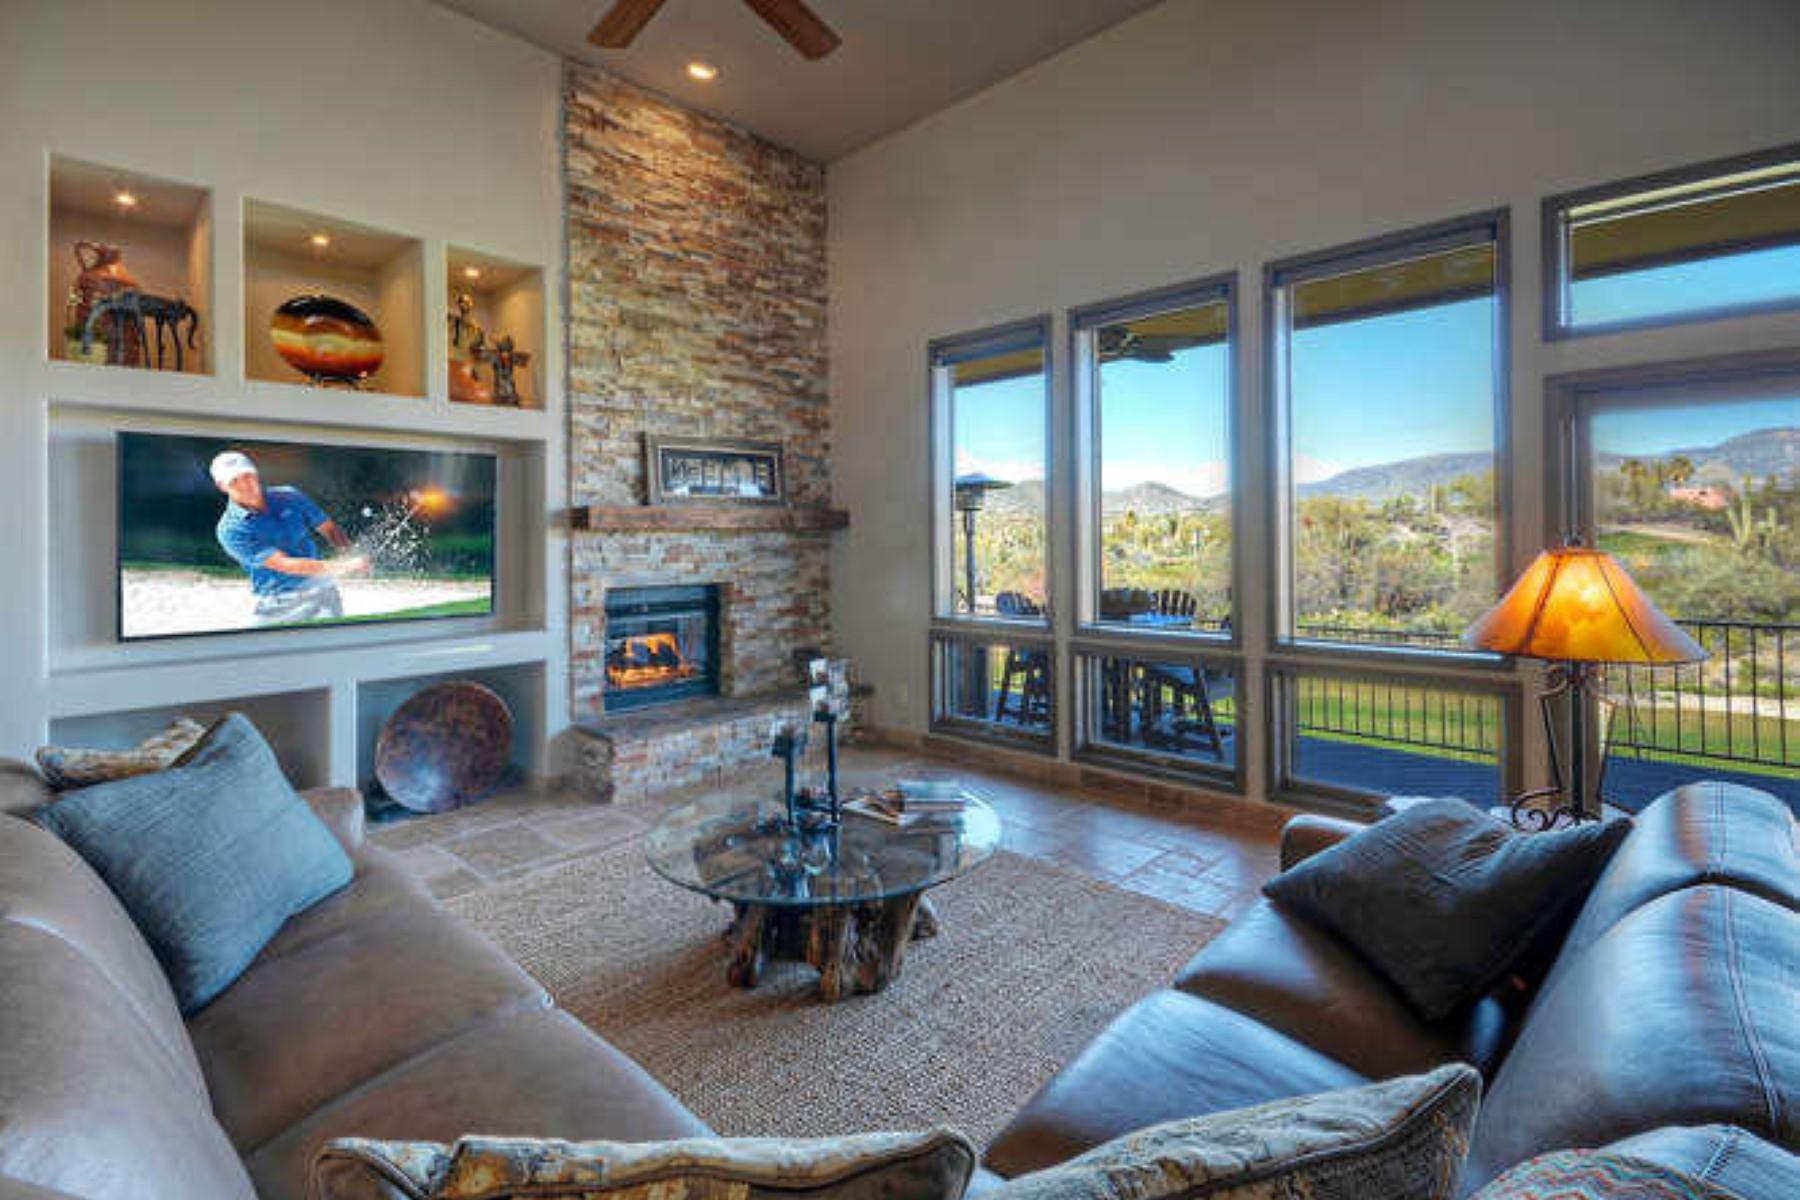 独户住宅 为 销售 在 Beautiful home was completely remodeled in 2015 5592 E Sugarloft Trail 凯夫克里克, 亚利桑那州 85331 美国